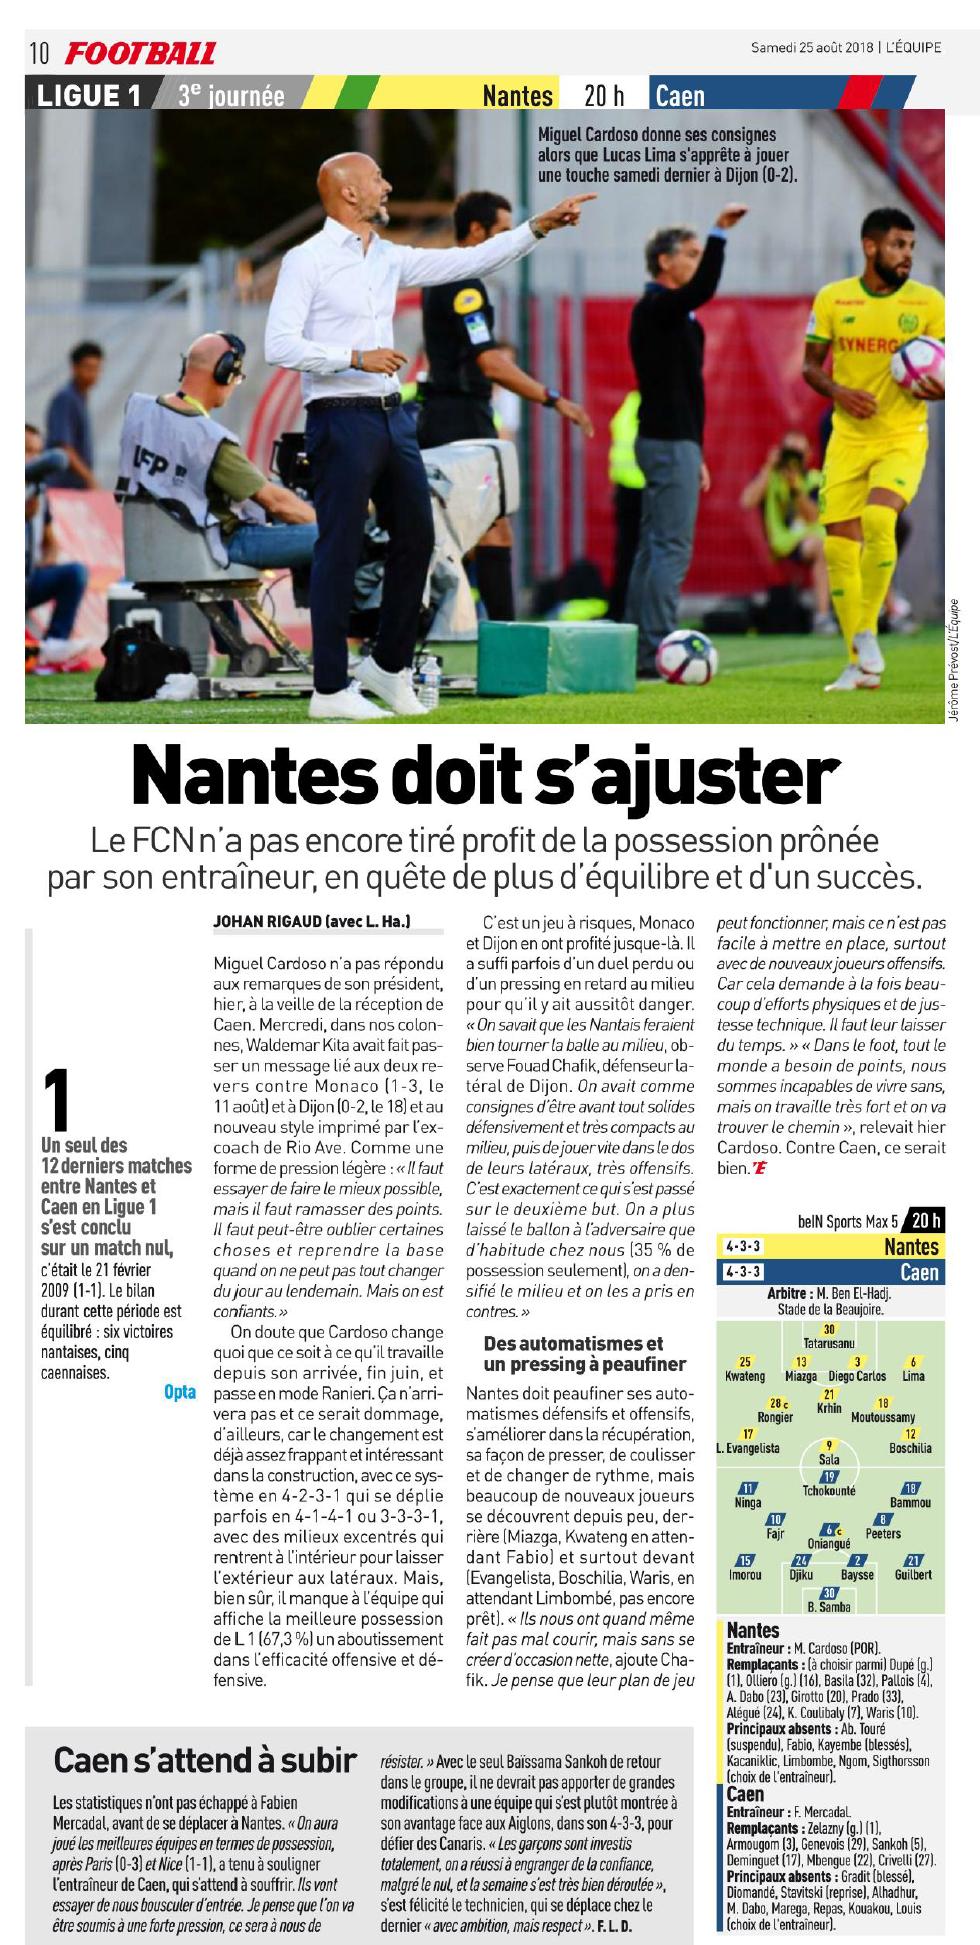 [3e journée de L1] FC Nantes 1-1 SM Caen  180825092825385731